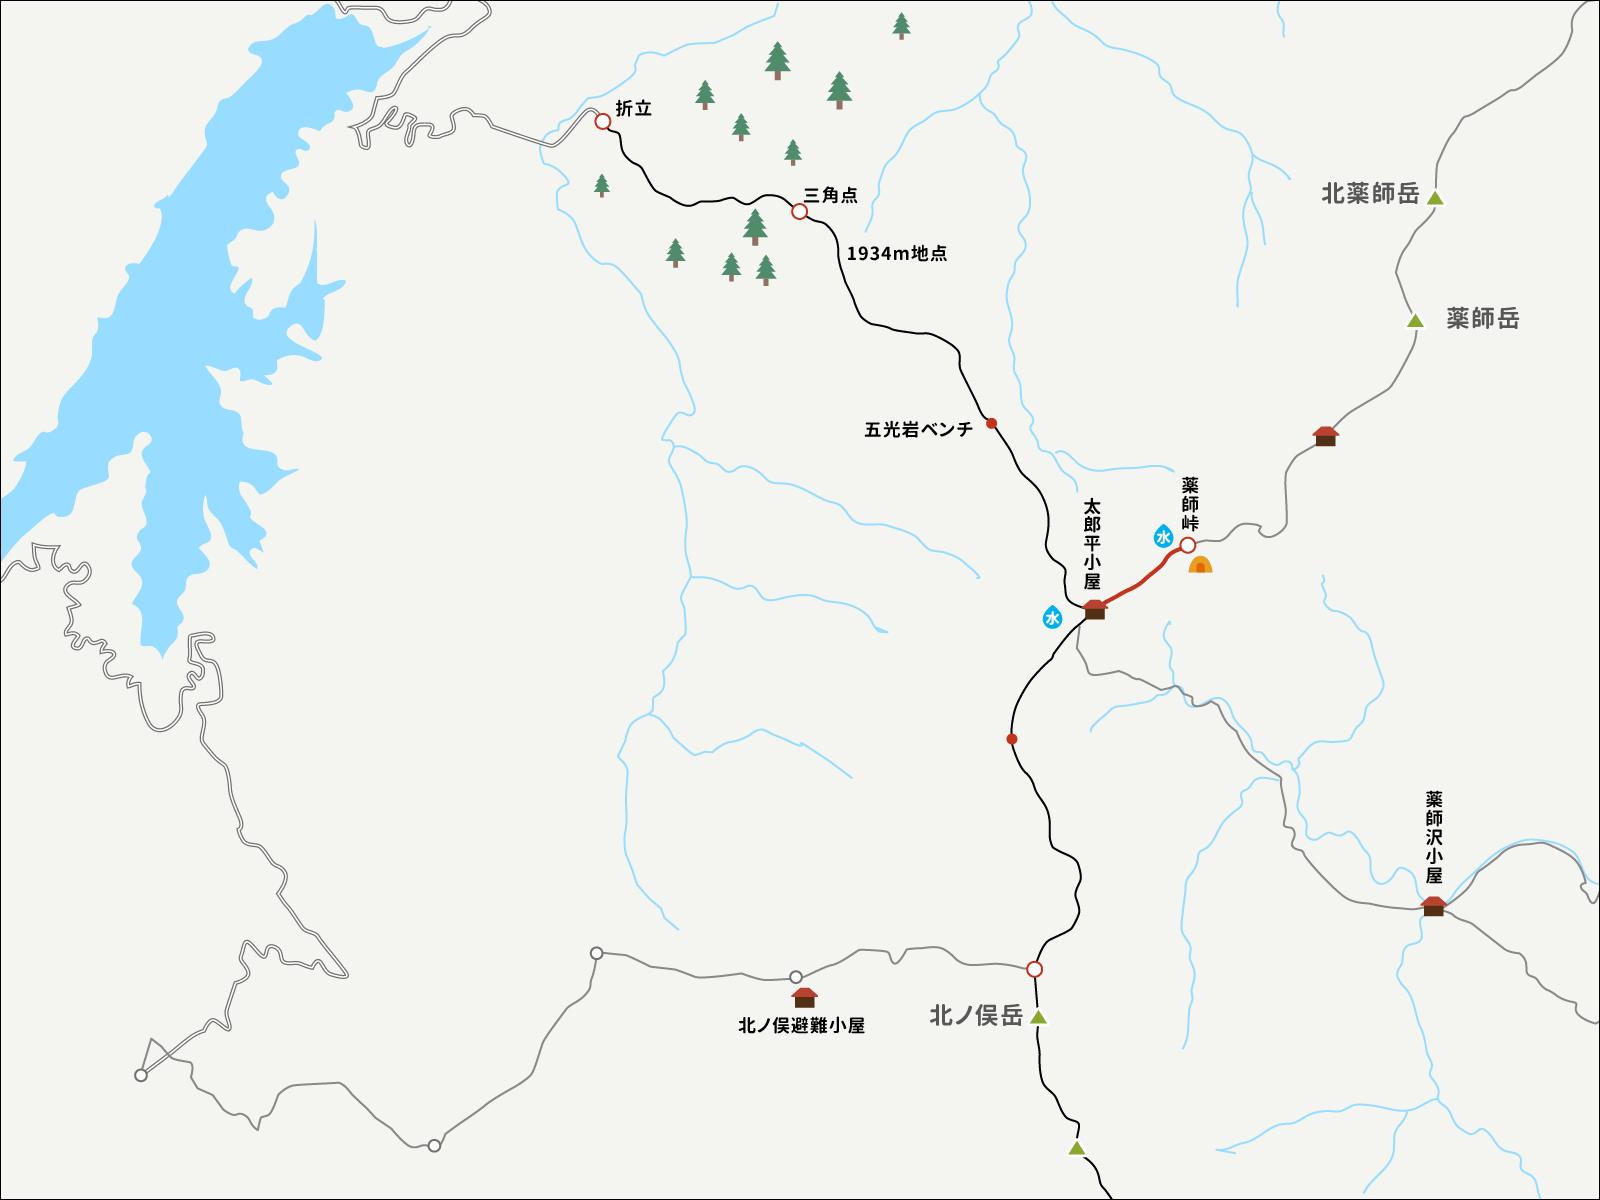 薬師峠キャンプ場から太郎平までのイラストマップ